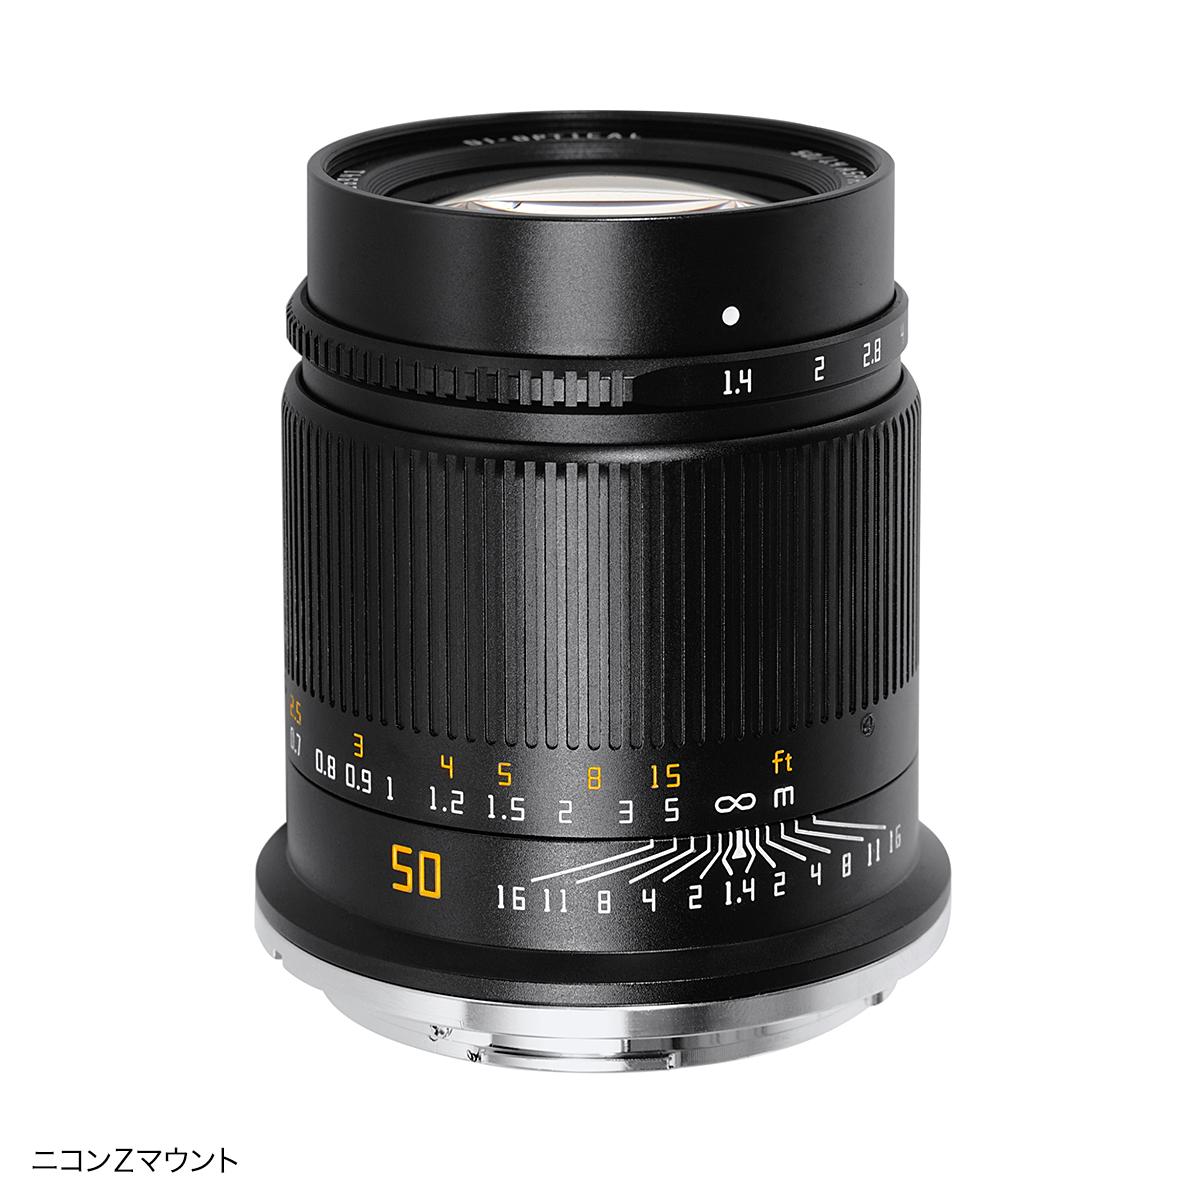 銘匠光学 TTArtisan 50mm f/1.4 ASPH ミラーレス版